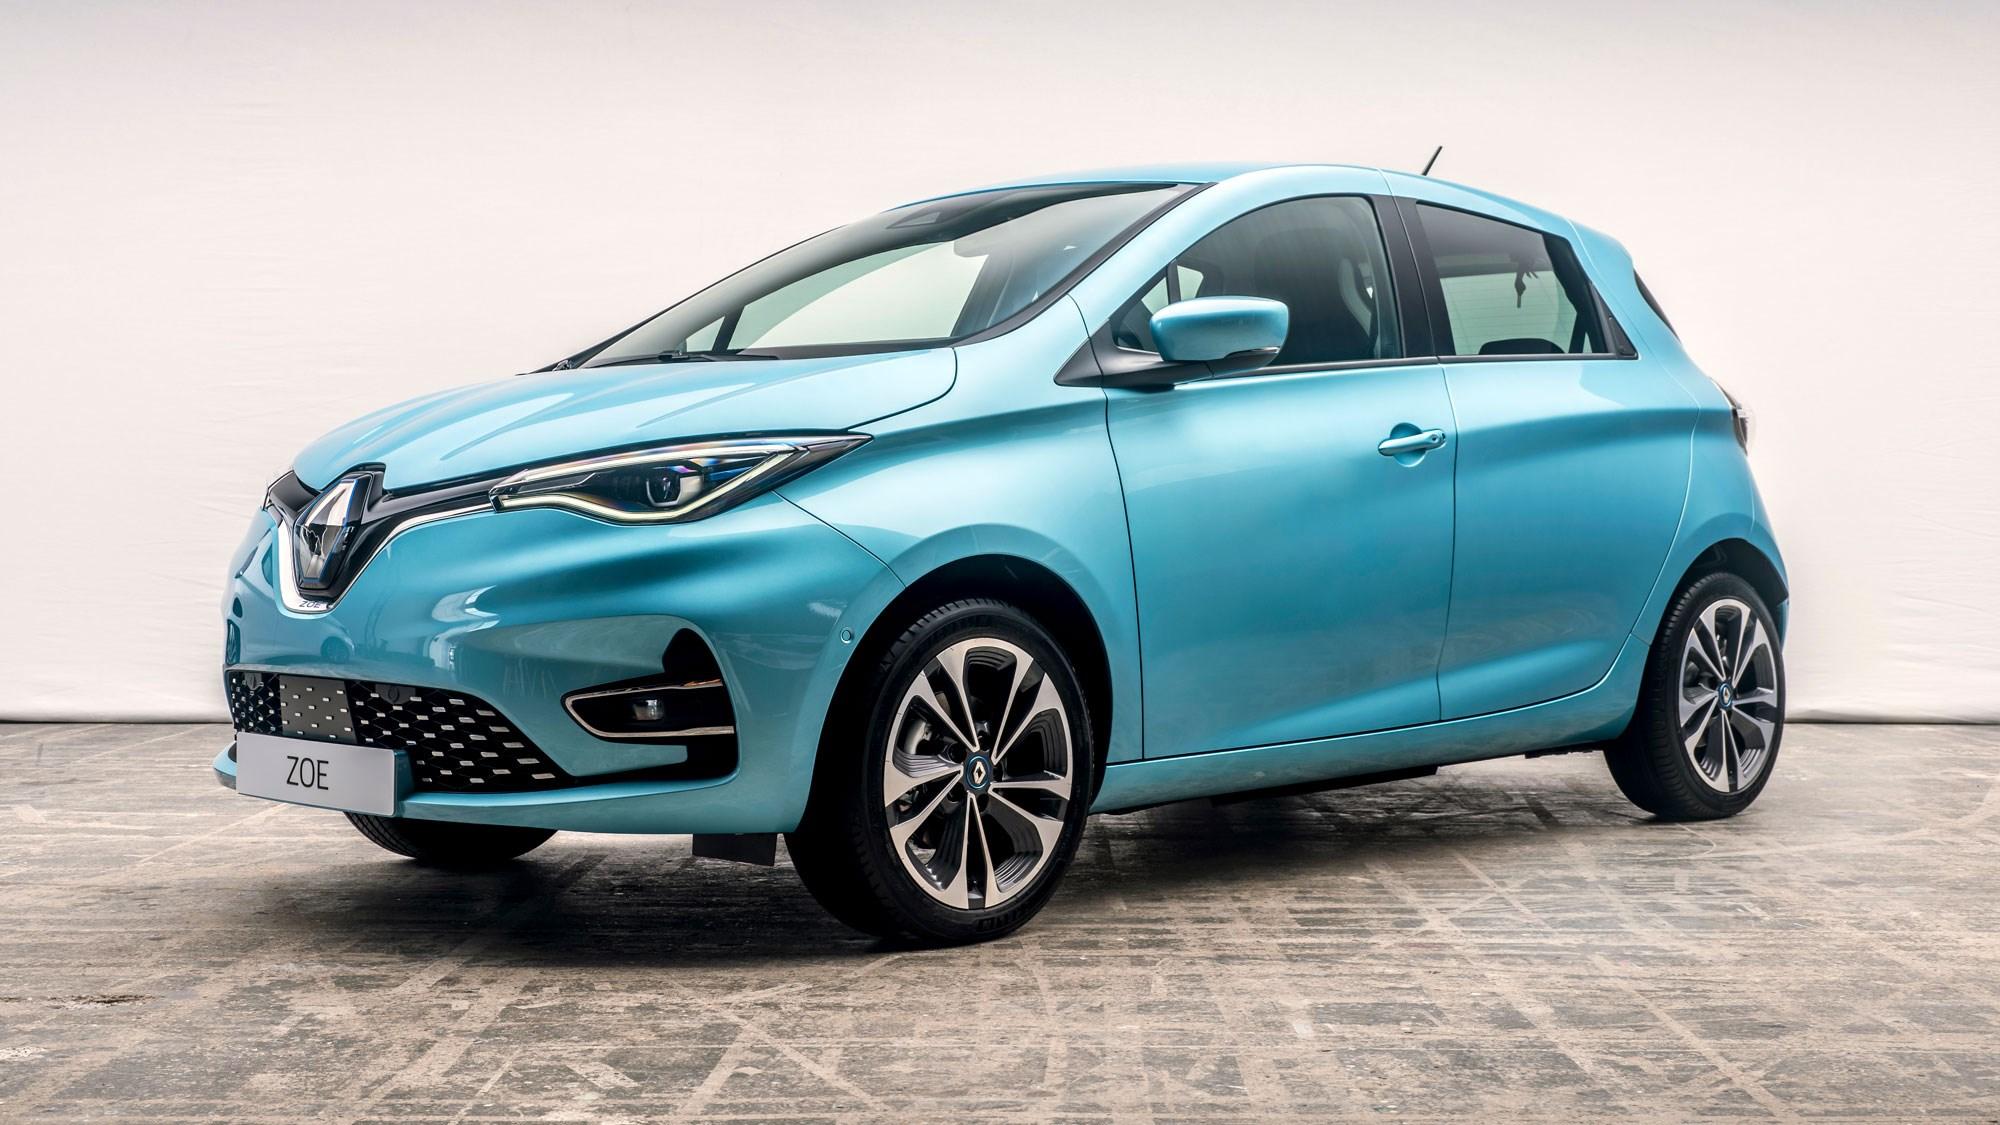 Image result for Renault Zoe EV